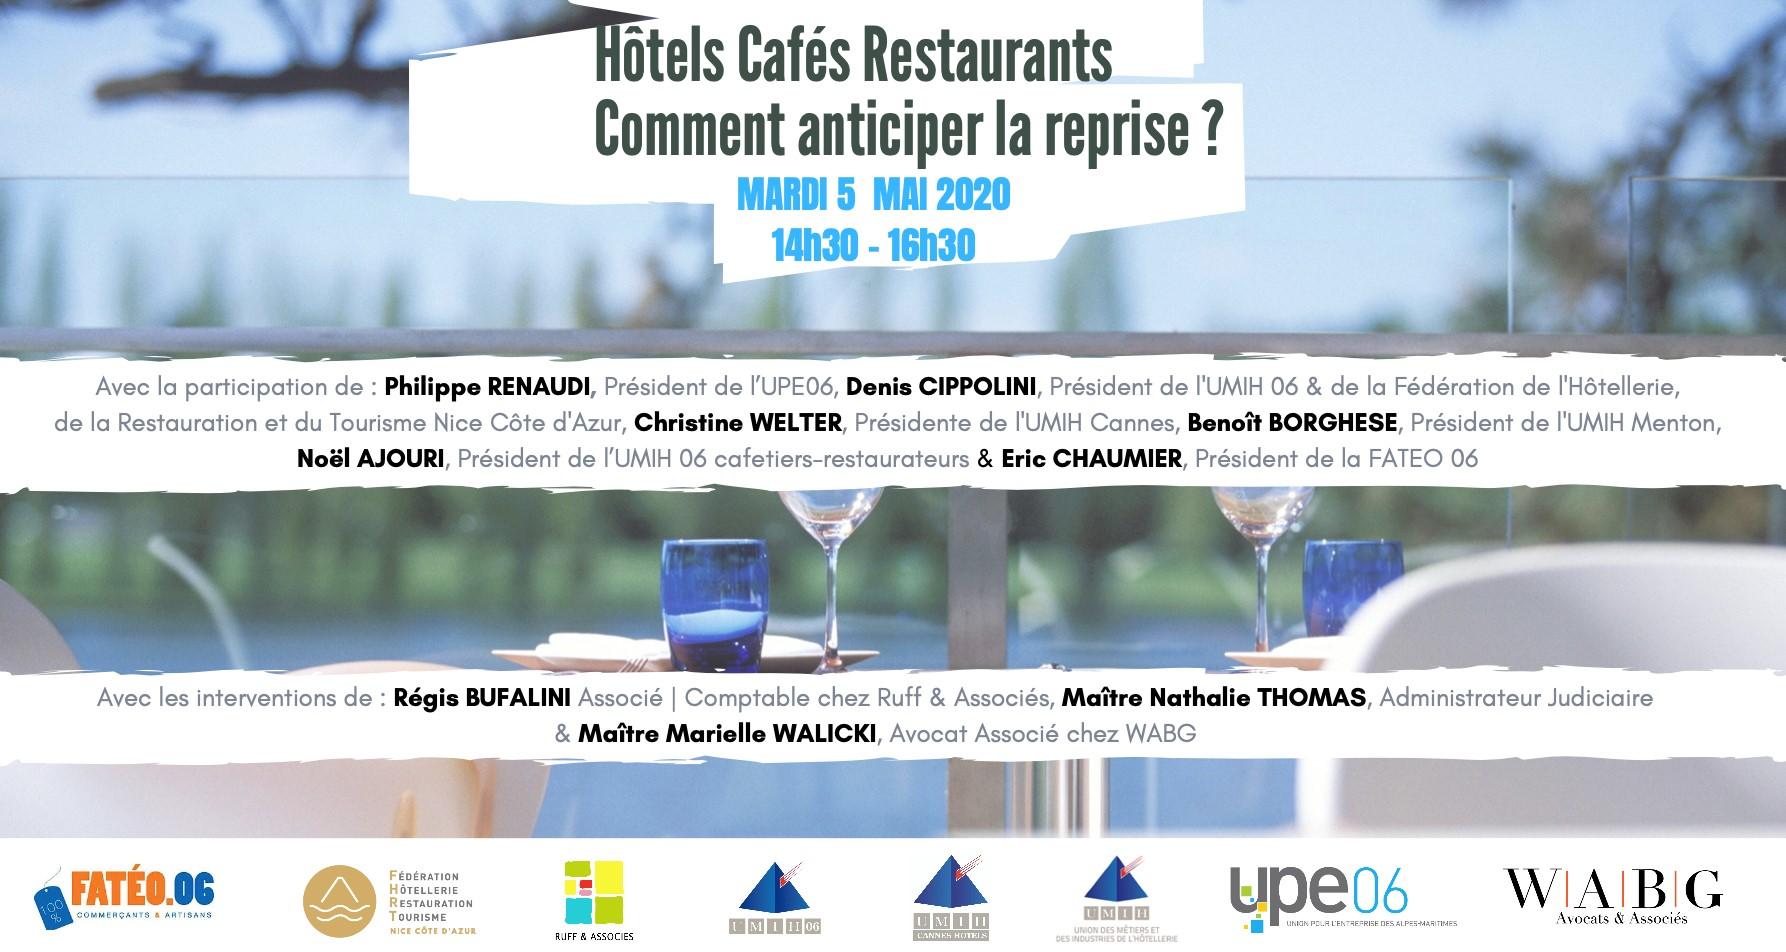 Webinaire du 5 mai 2020 : Hôtels Cafés Restaurants, comment anticiper la reprise ?